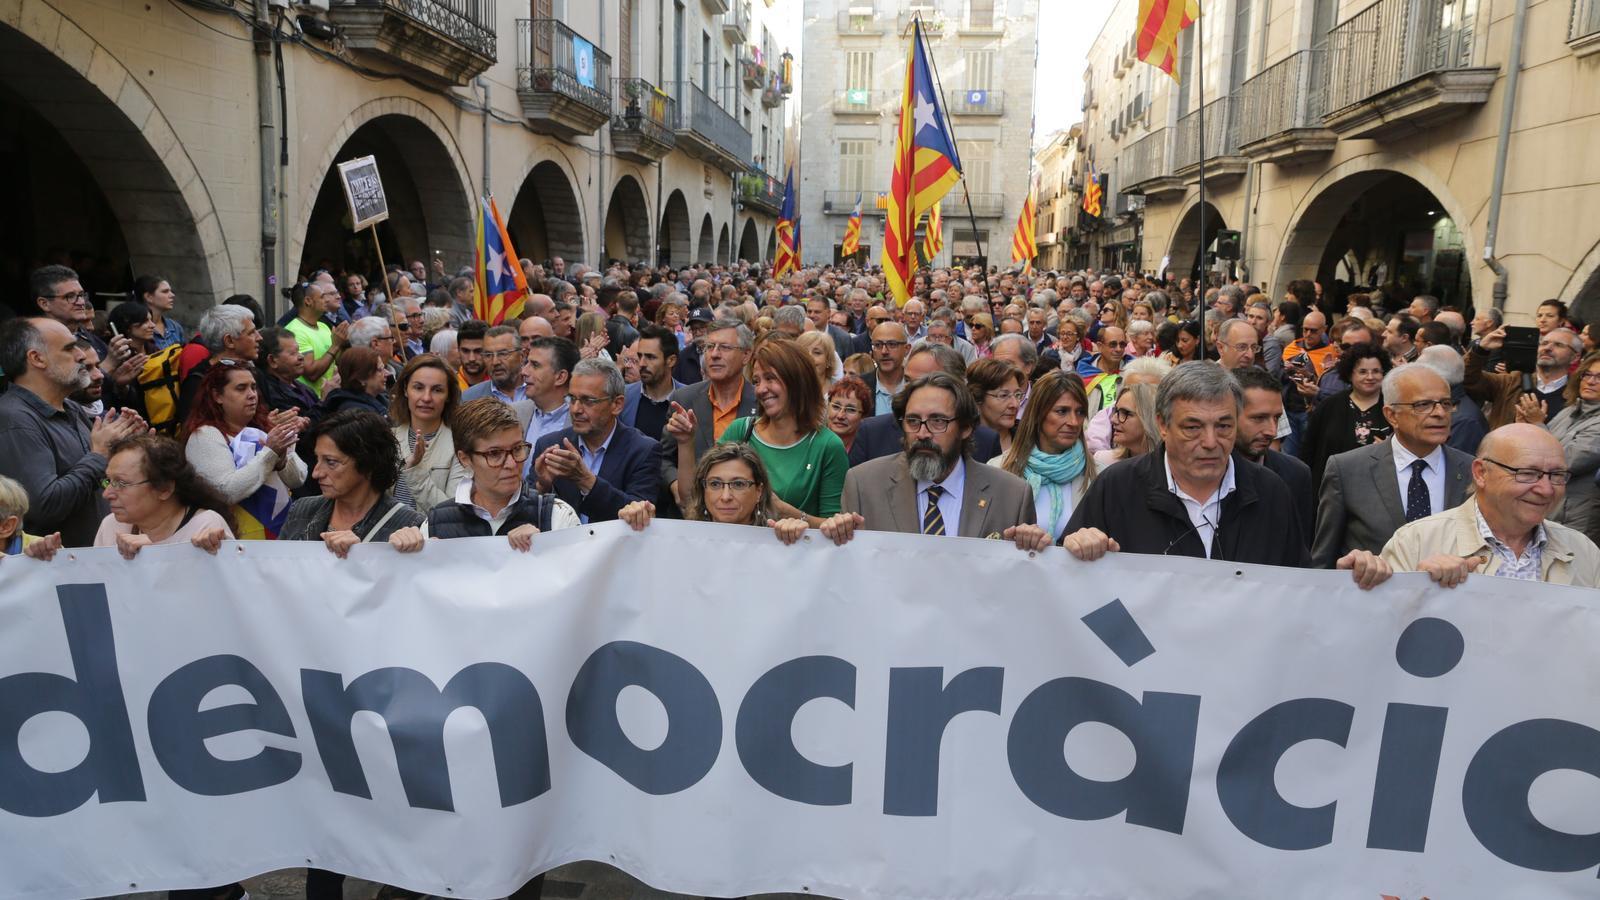 16 alcaldes més es neguen a declarar a la fiscalia per l'1-O i el de Sabadell no s'hi presenta